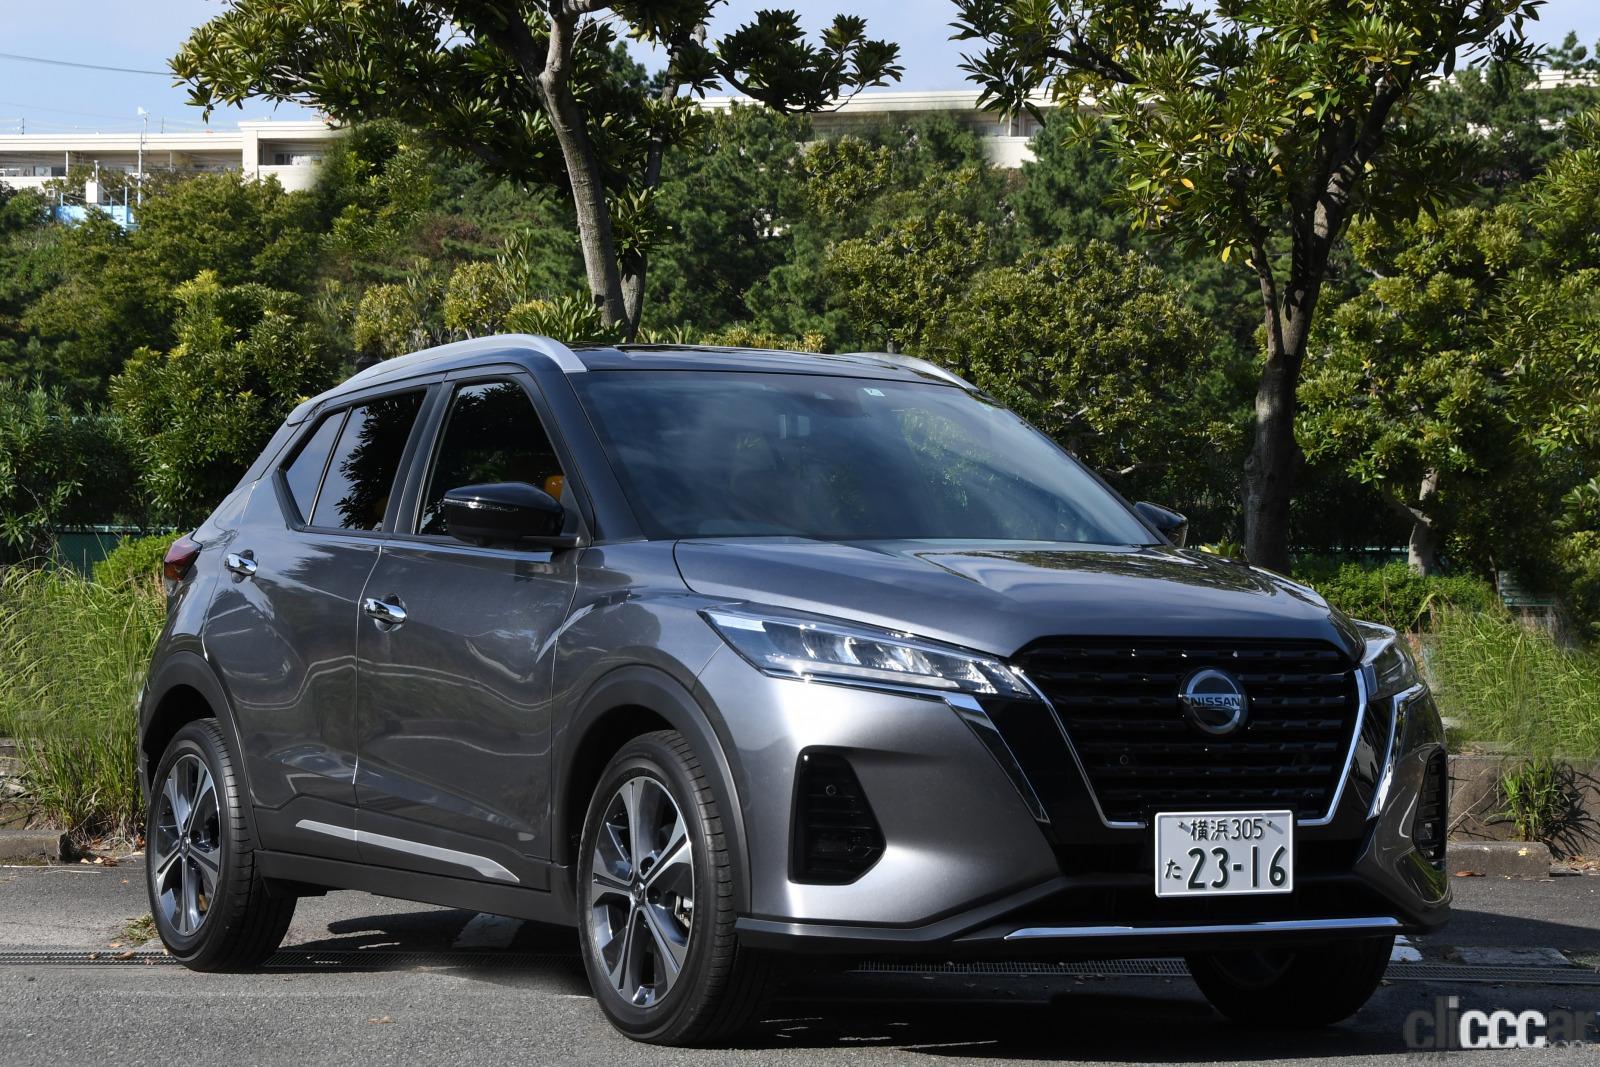 「SUVのeパワー搭載モデルが登場。コンパクトカー、ミニバンに続く第3弾【日産キックス試乗】」の9枚目の画像